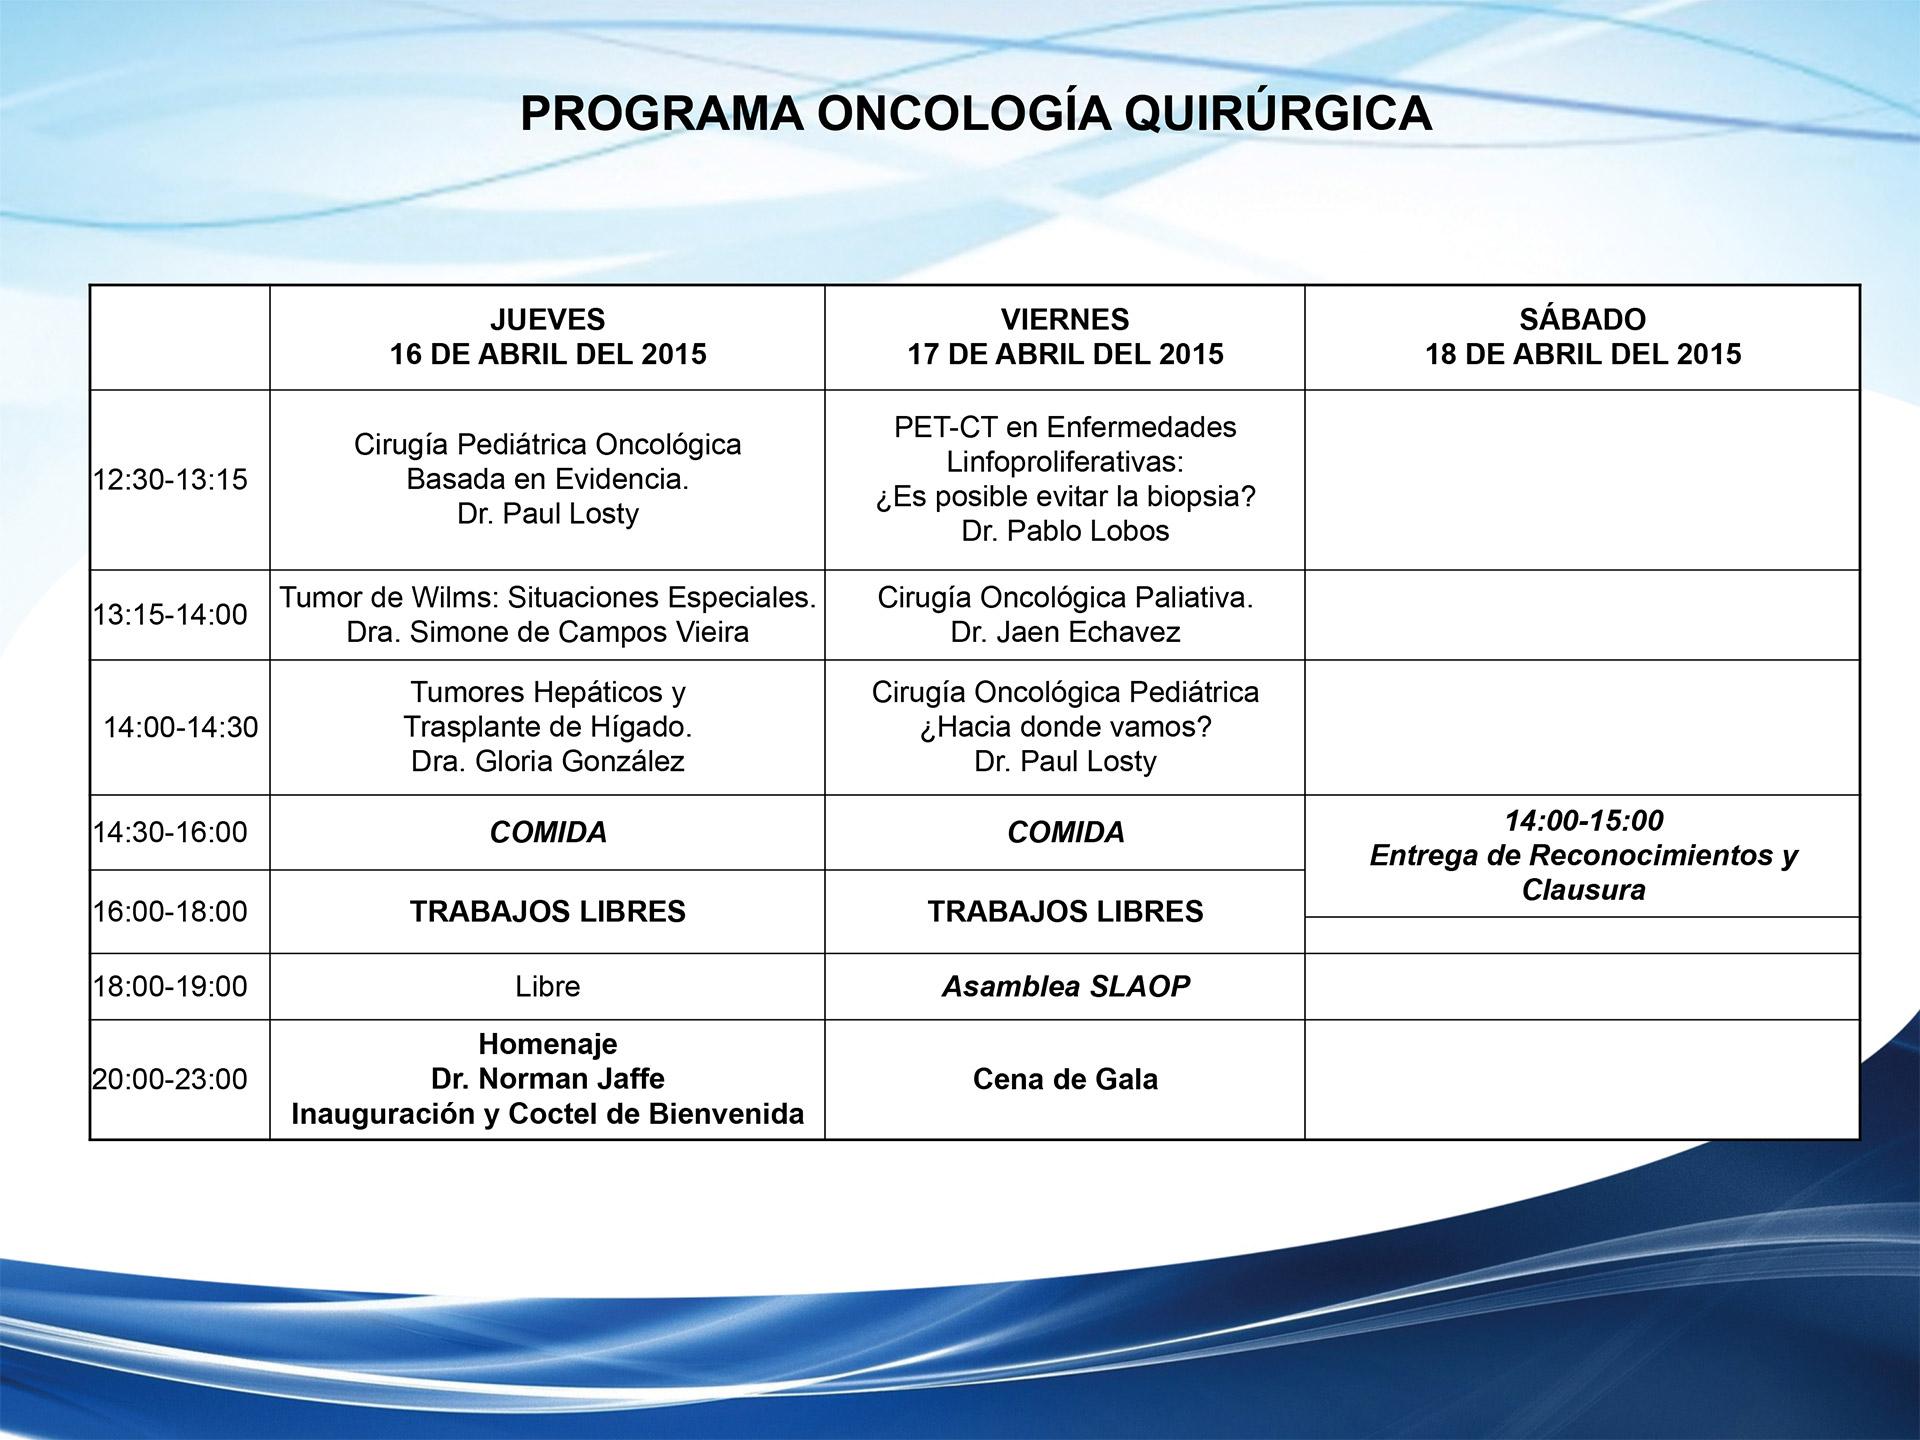 PROGRAMA-ONCOLOGIA-QUIRURGICA-2